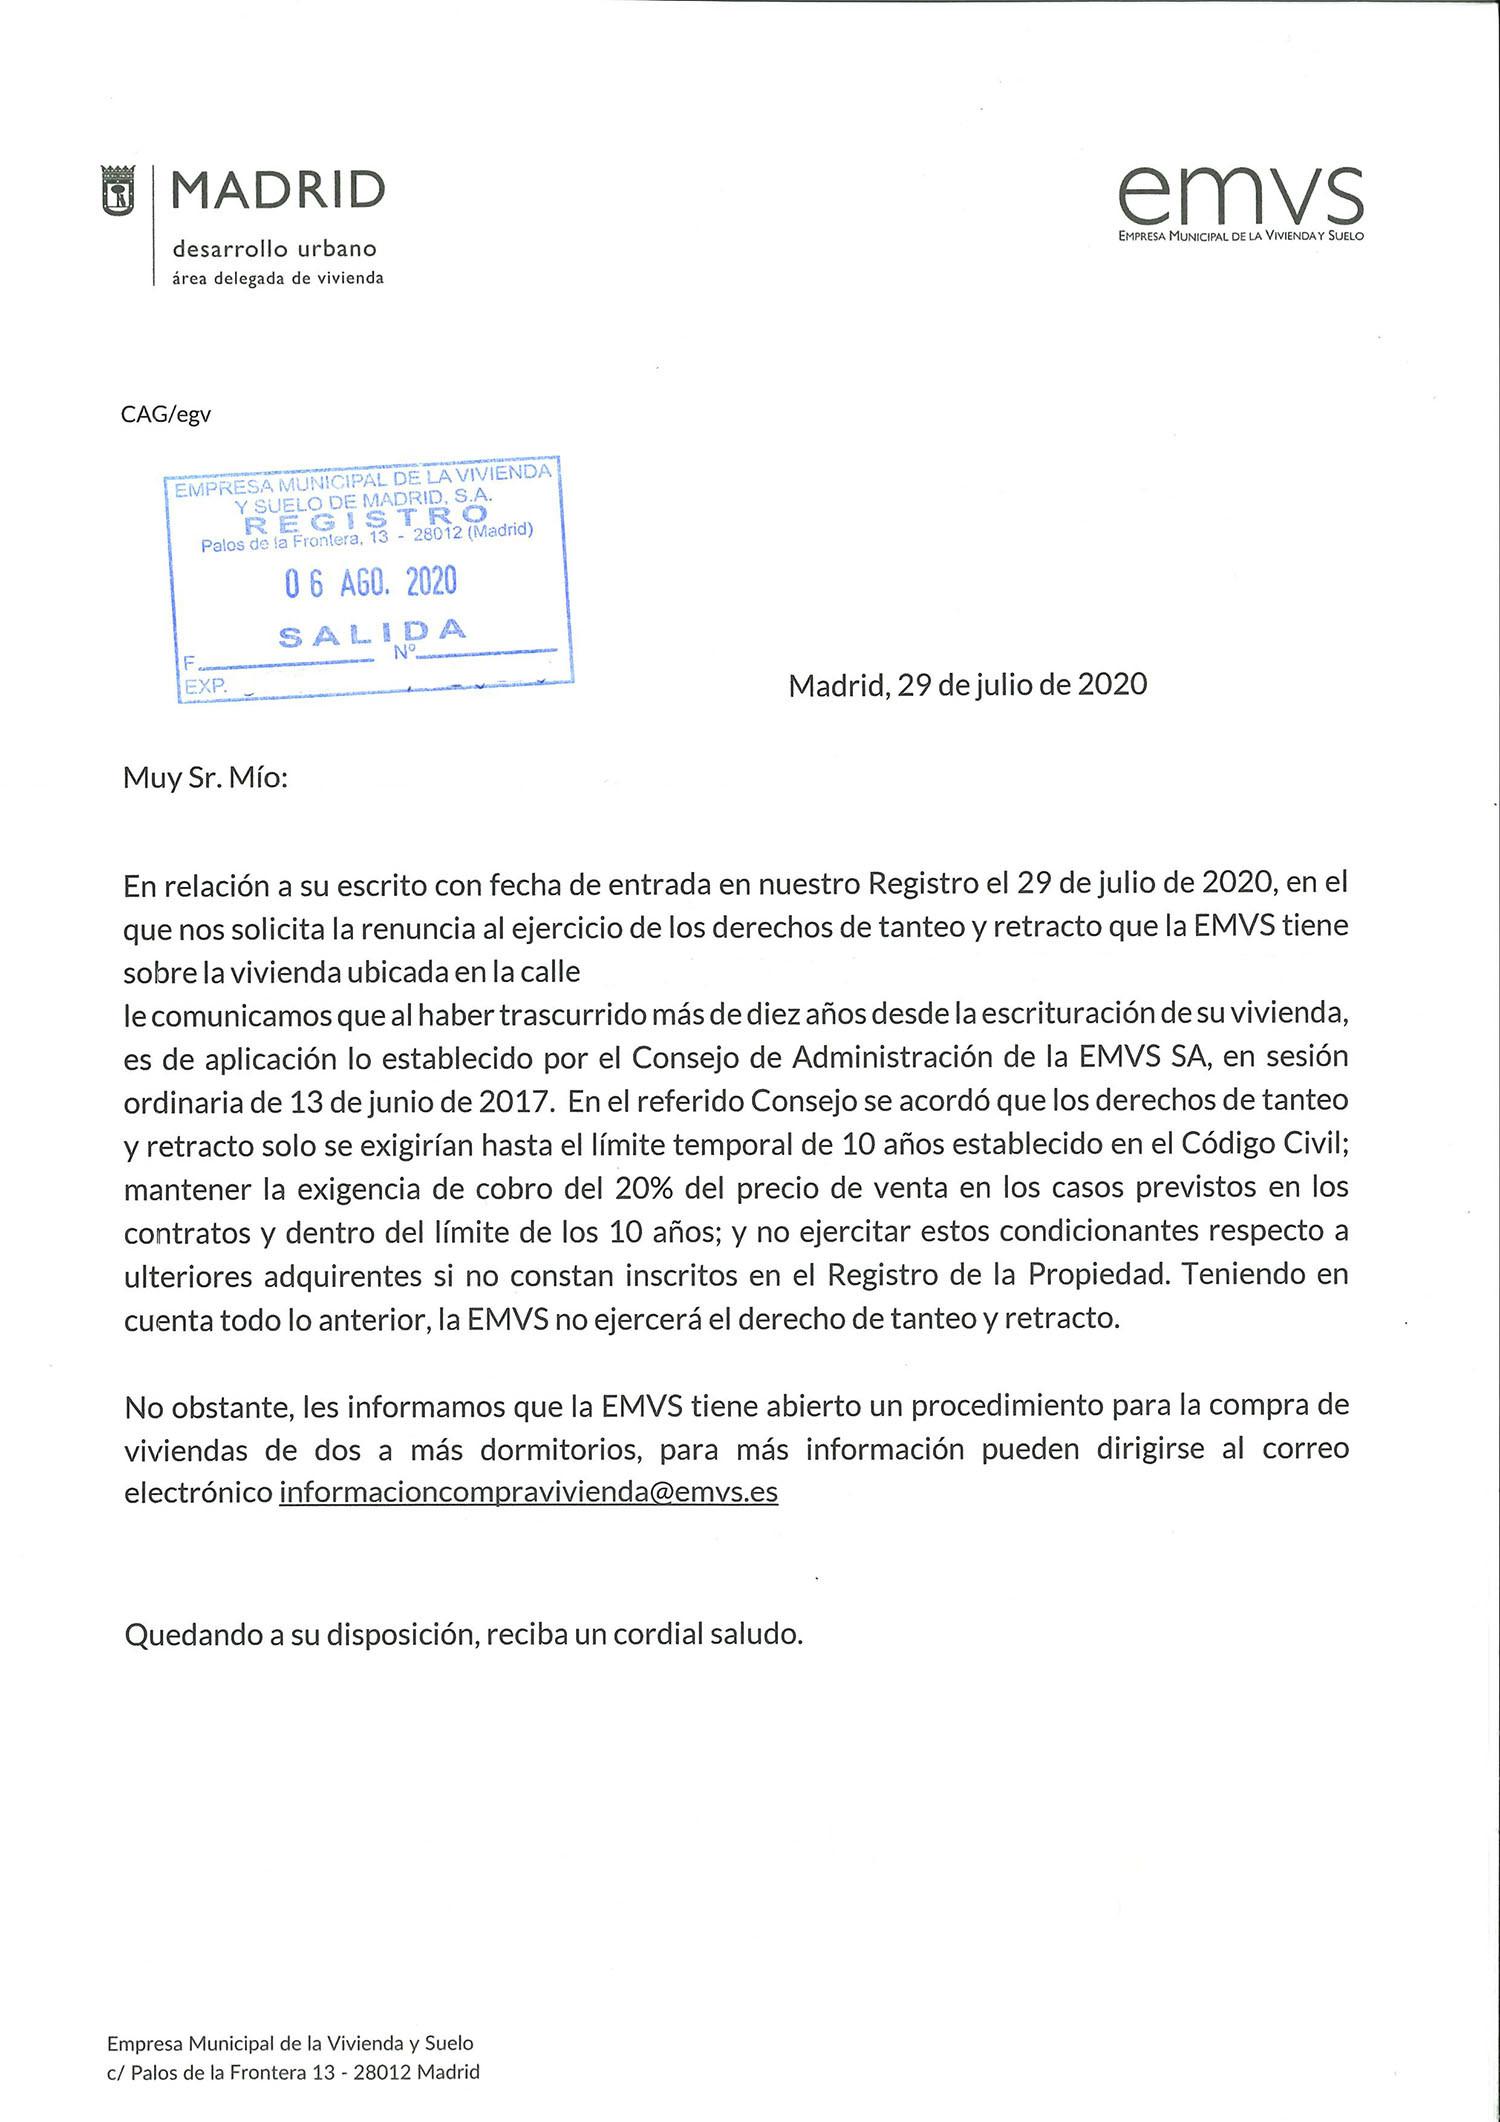 Contestación de la EMVS de no aplicar la cláusula del 20%